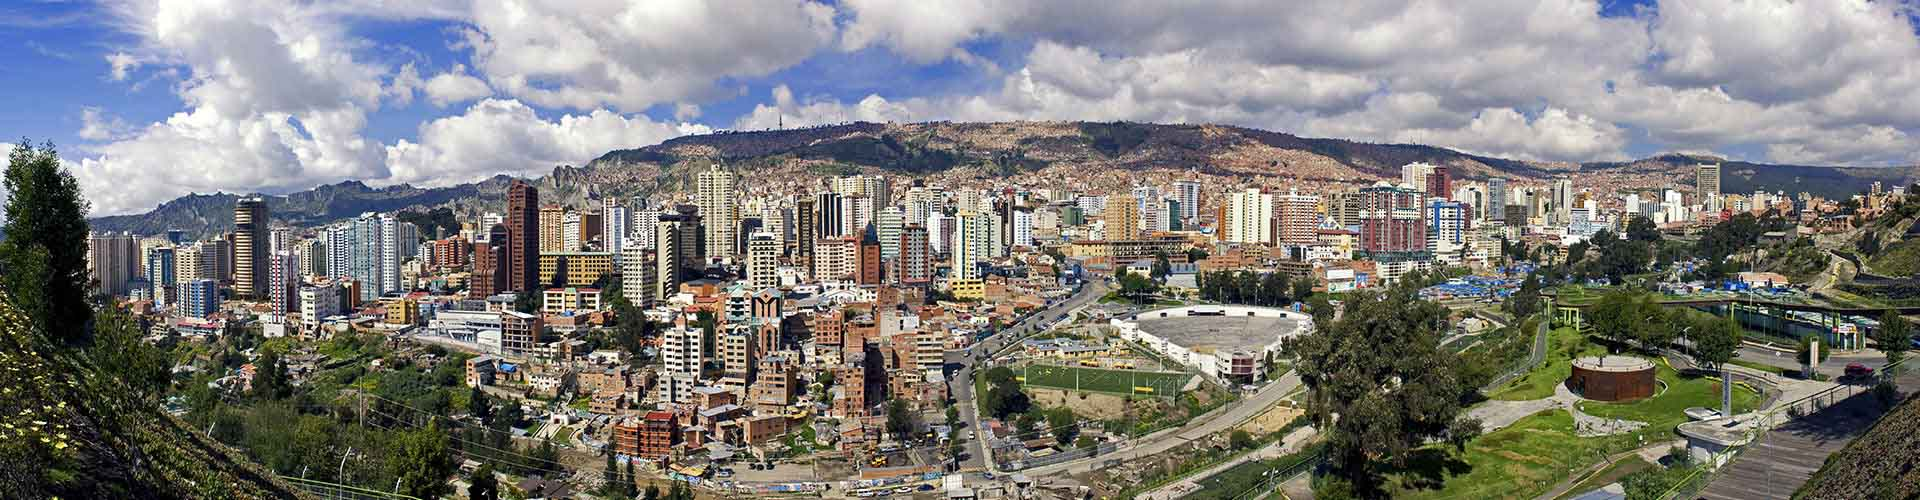 La Paz – Hostels in La Paz. La Paz auf der Karte. Fotos und Bewertungen für jedes Hostel in La Paz.